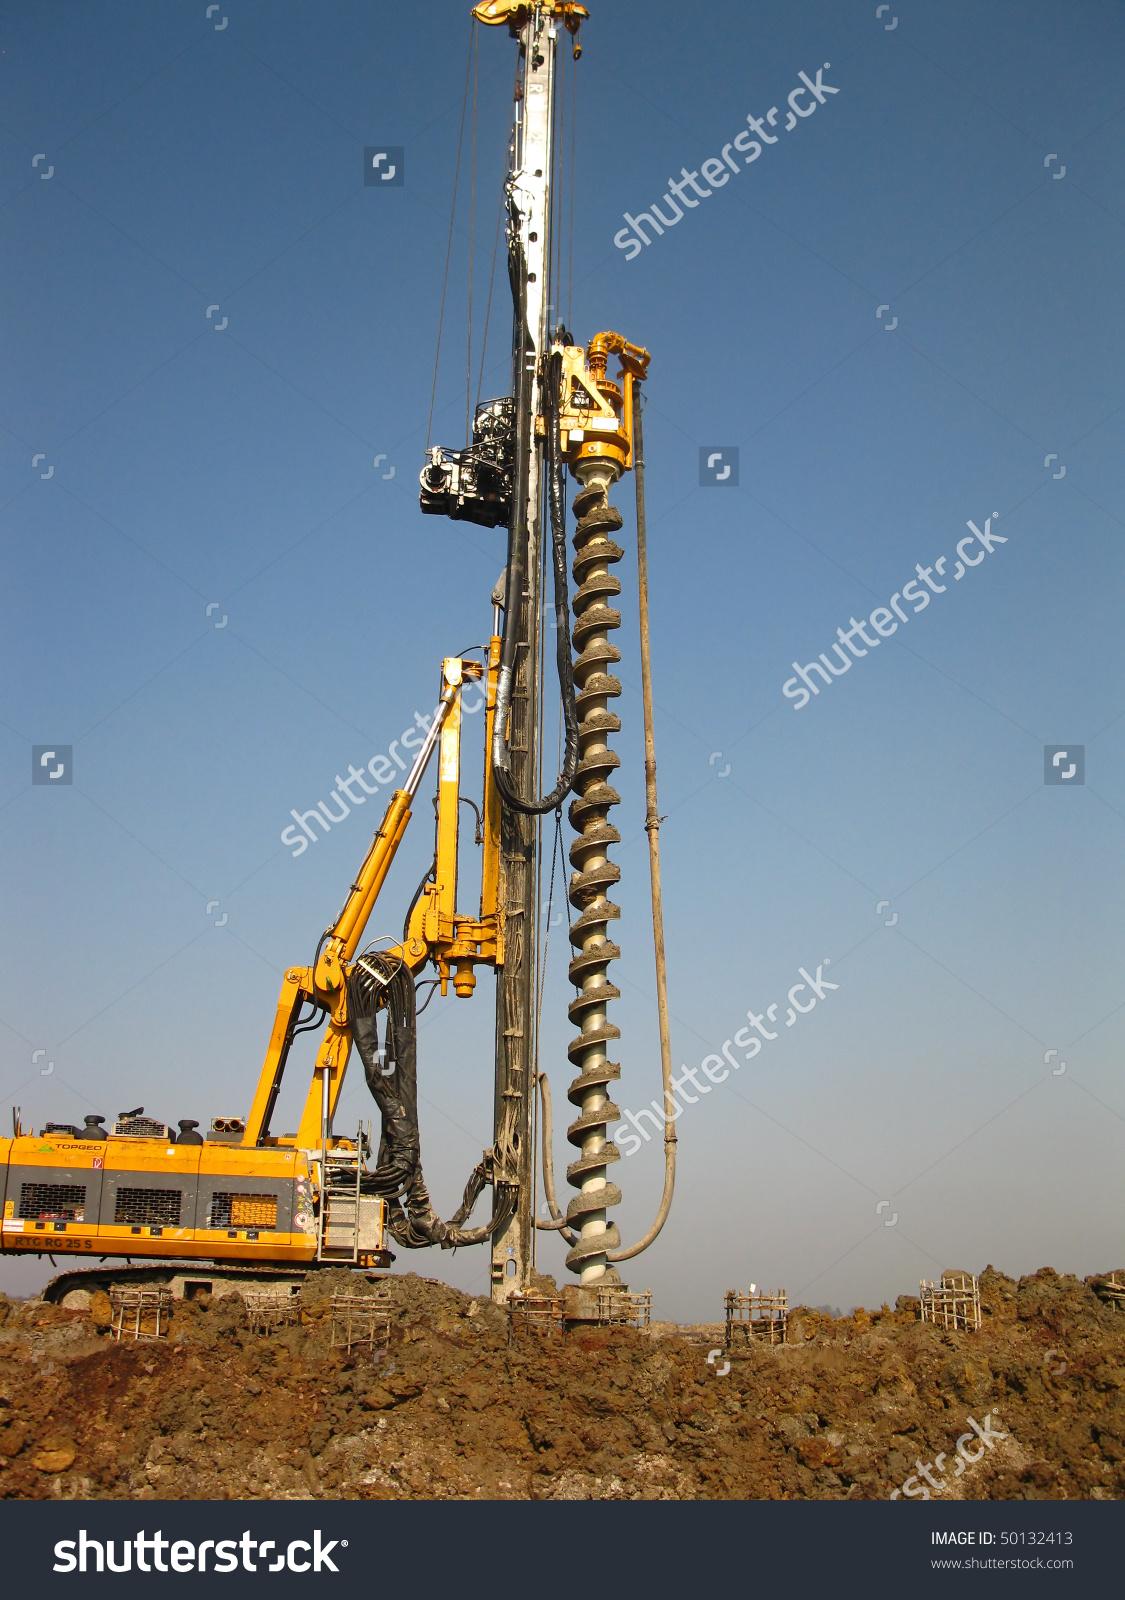 Machine Drilling Holes Ground Stock Photo 50132413.